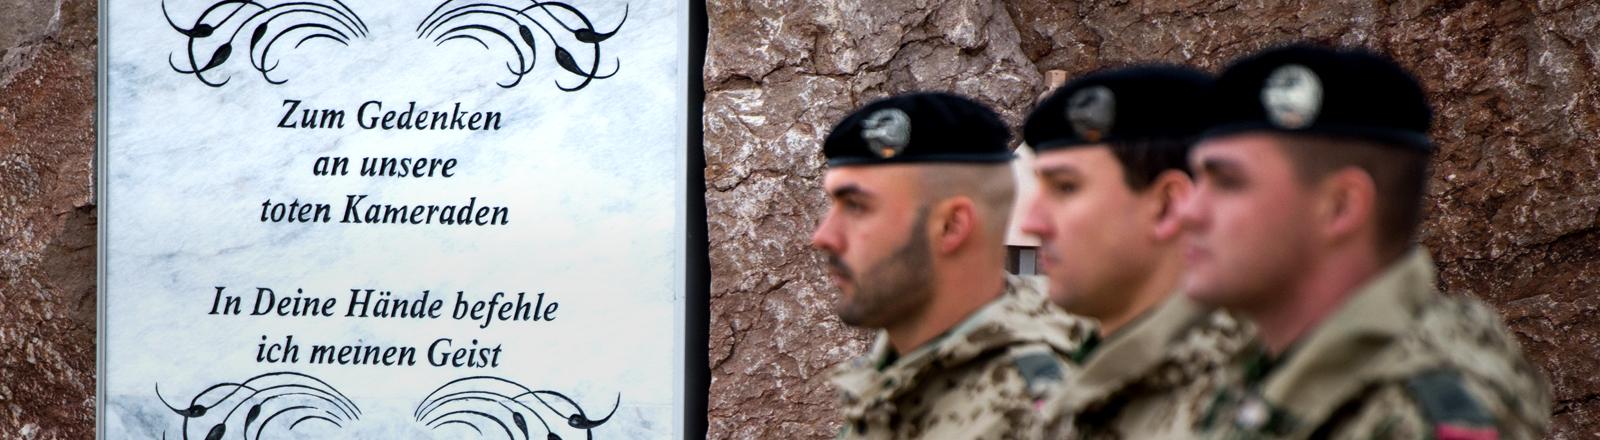 Drei Soldaten salutieren vor einer Gedenktafel in Afghanistan